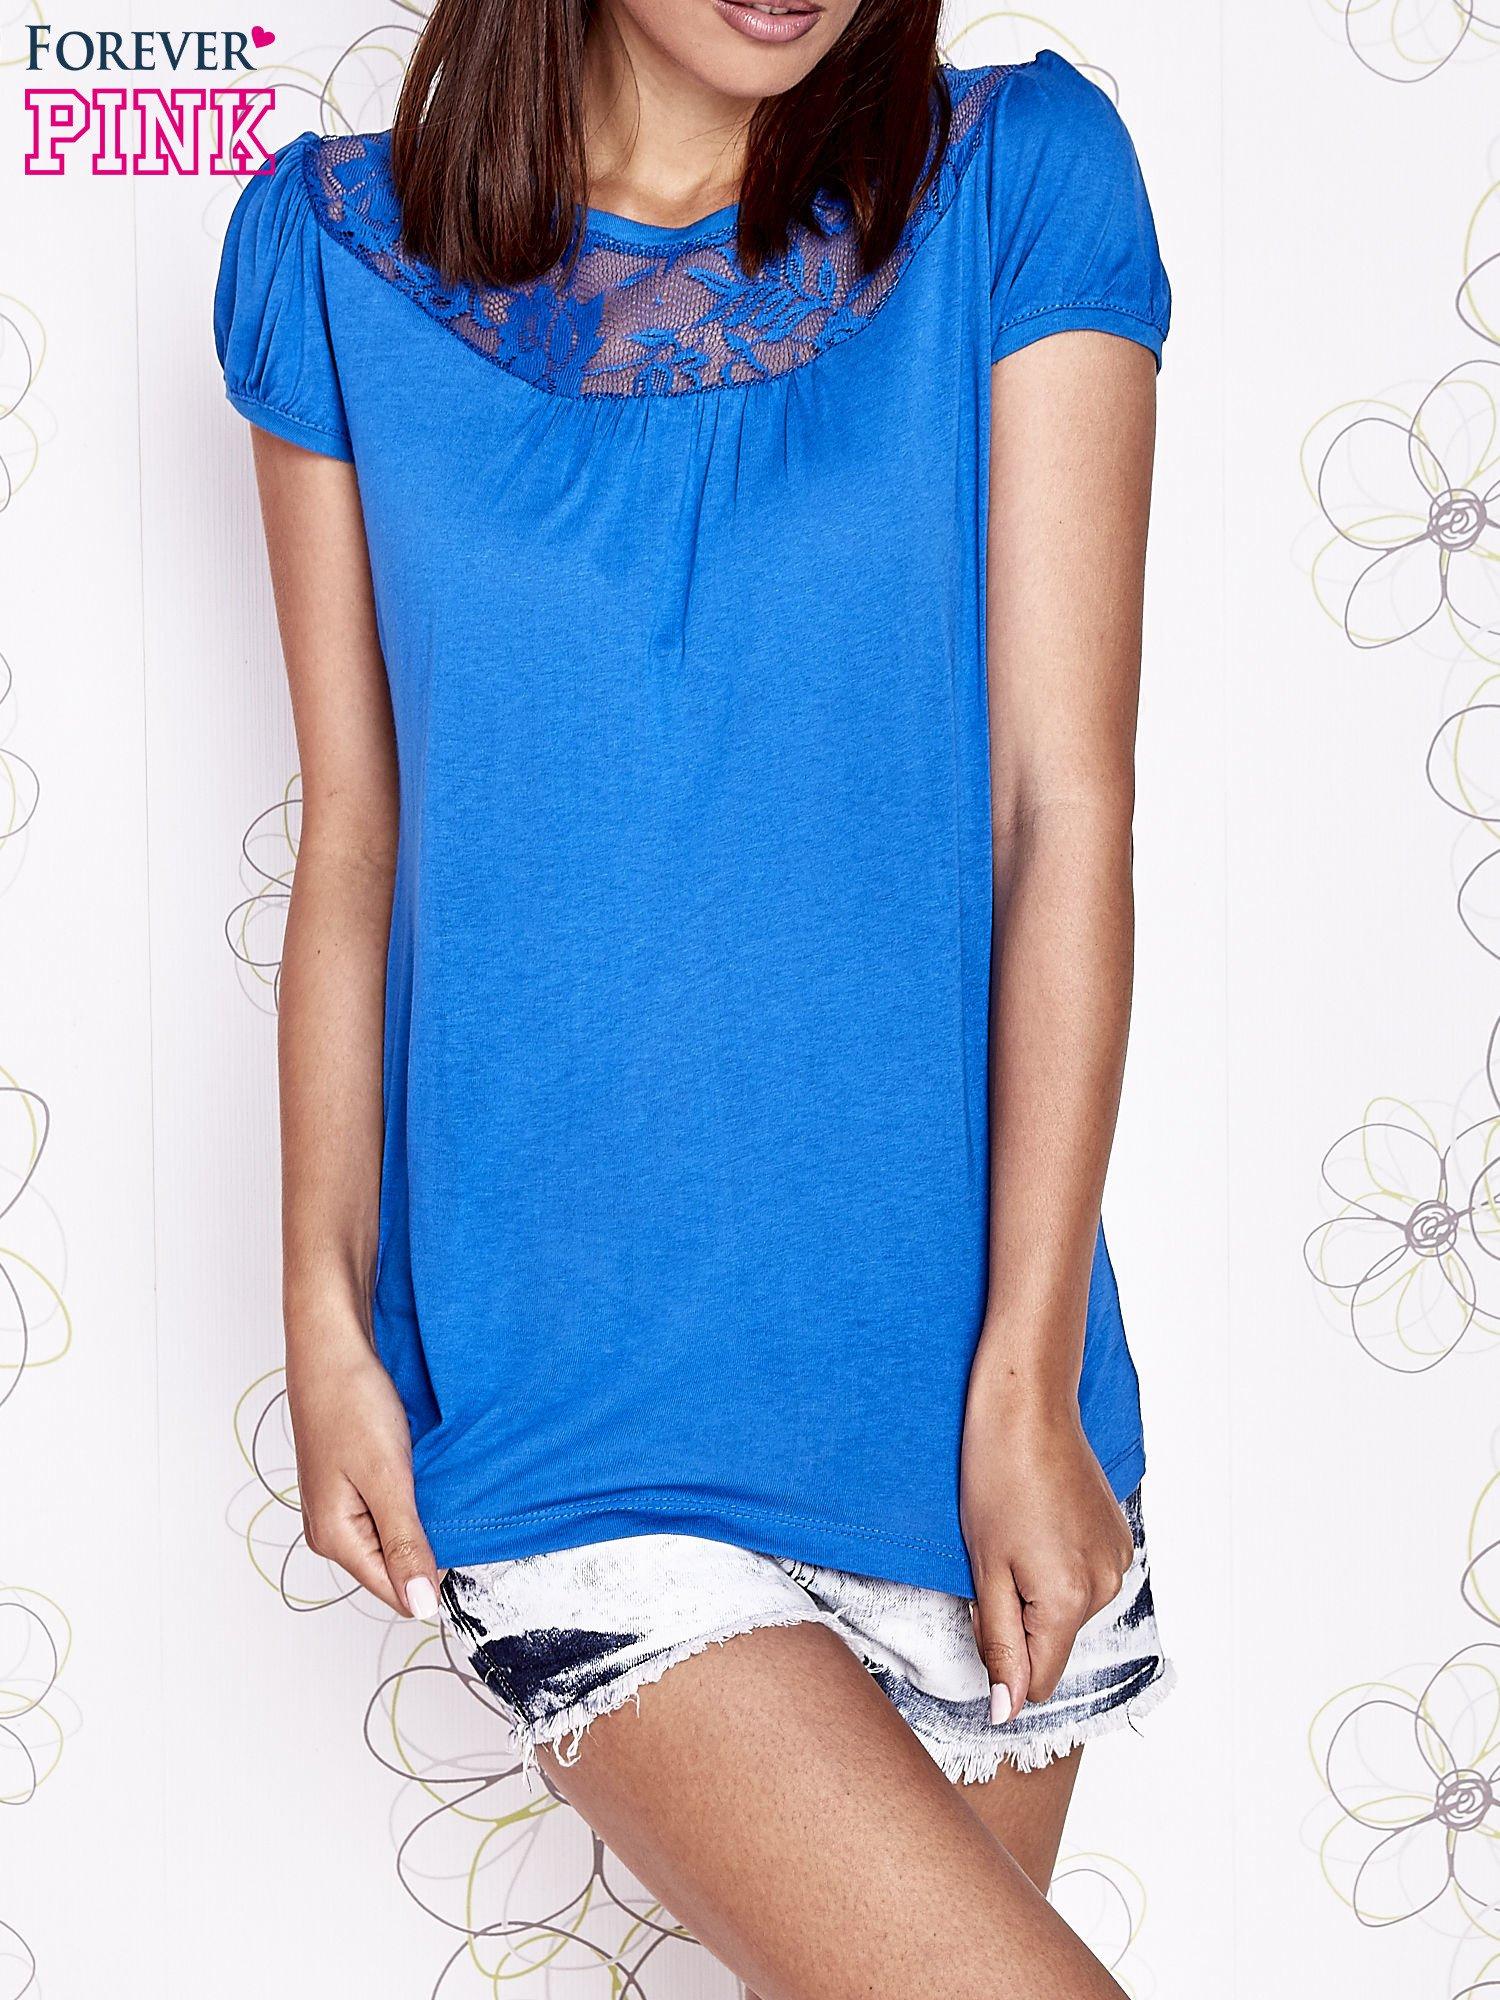 Niebieski t-shirt z ażurowym motywem                                  zdj.                                  1